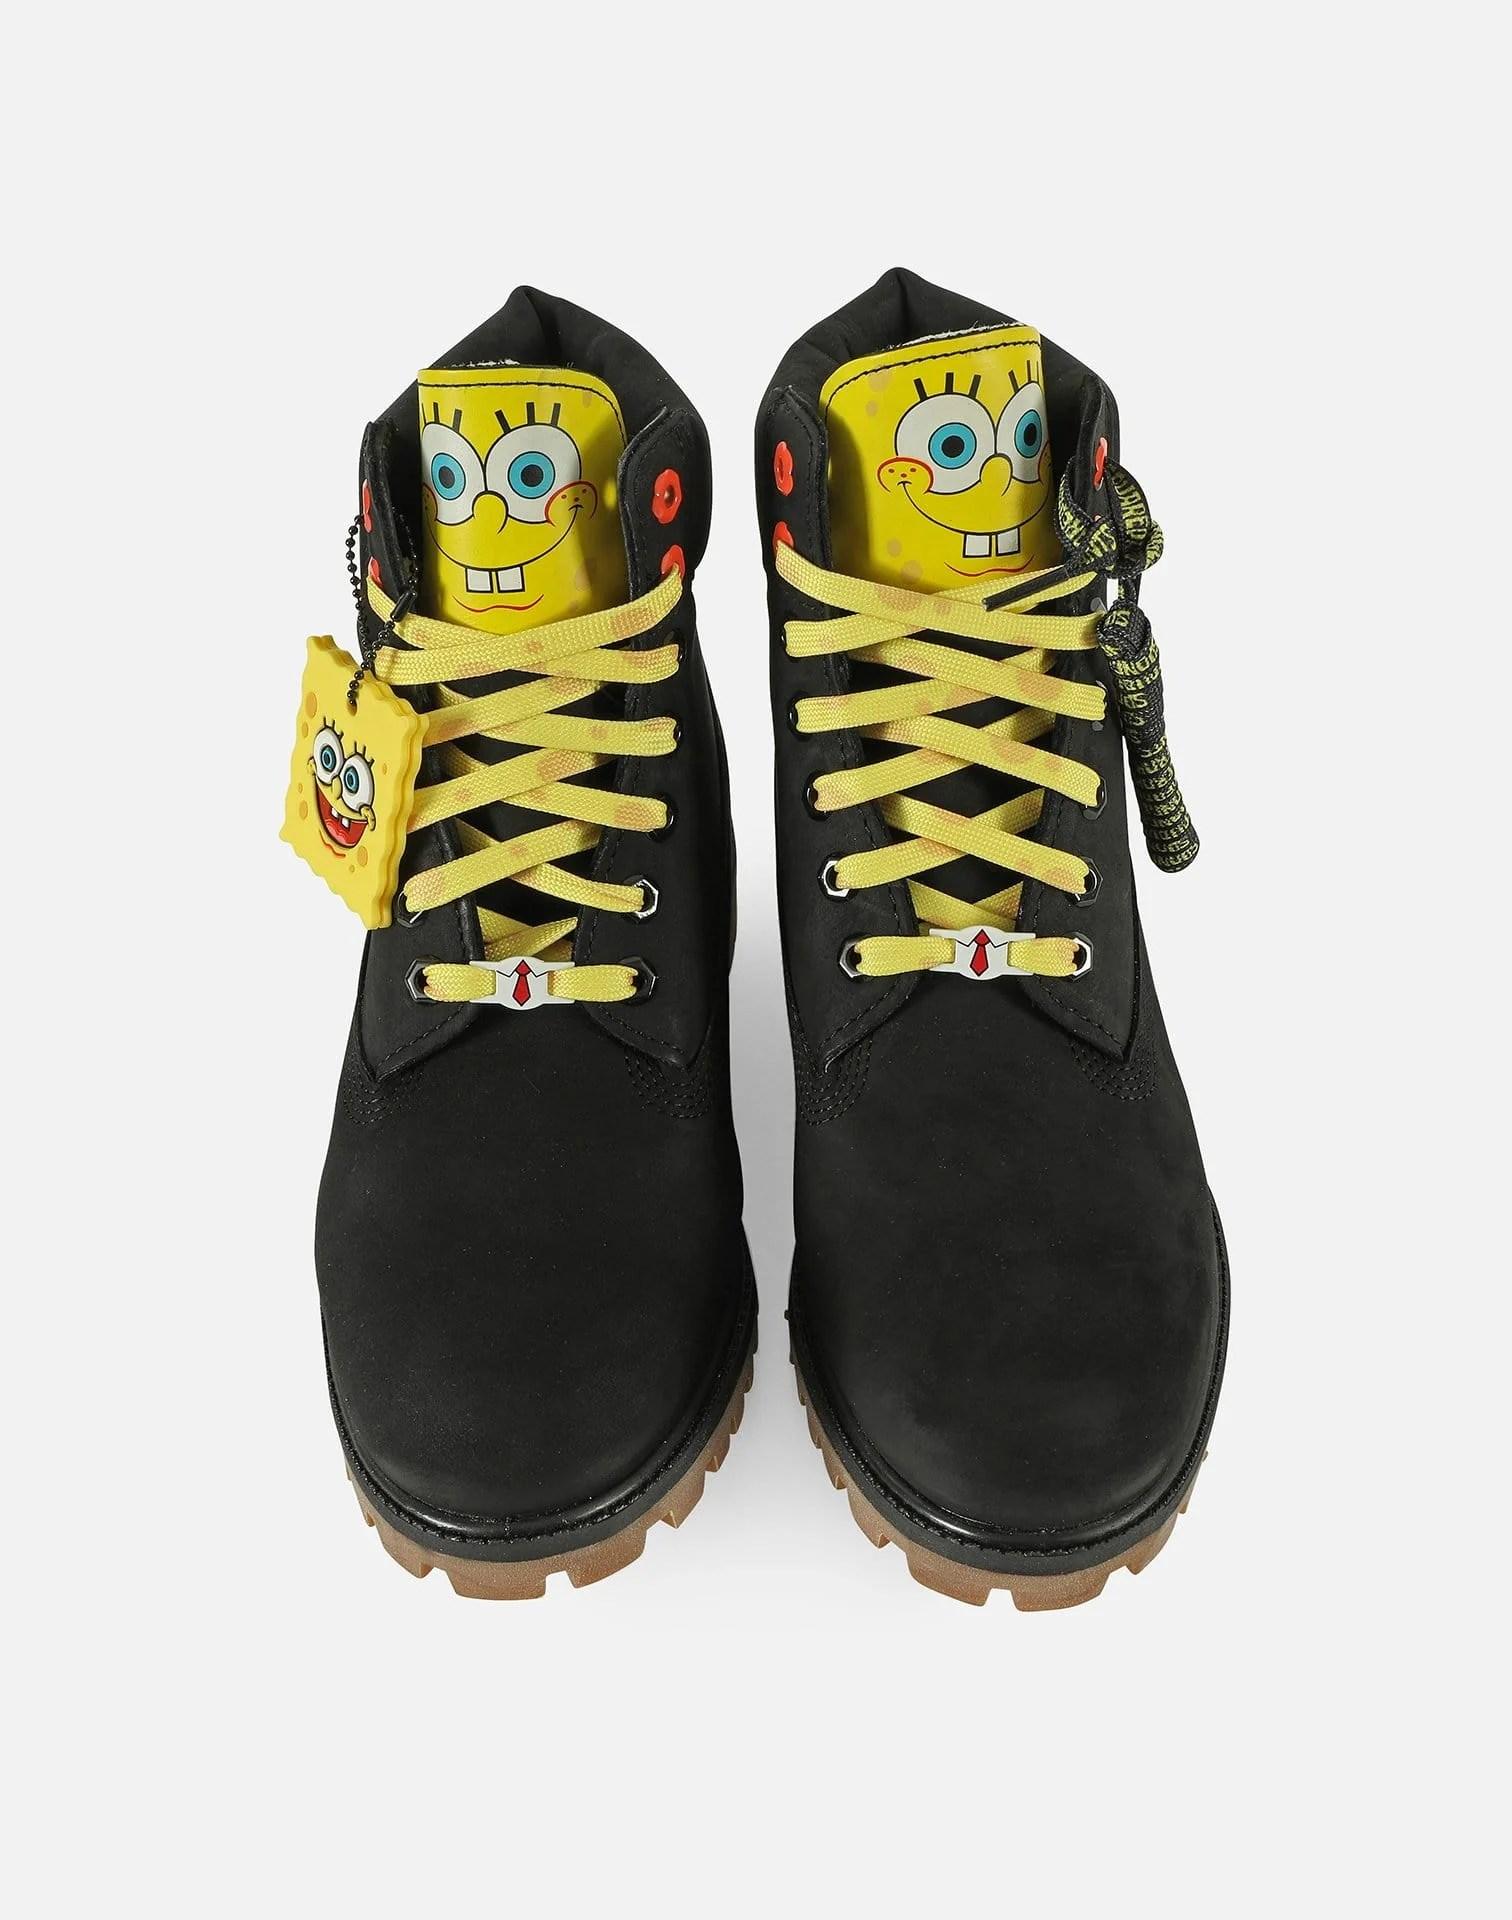 Spongebob Timberlands : spongebob, timberlands, SPONGEBOB, SQUAREPANTS, PREMIUM, BOOTS